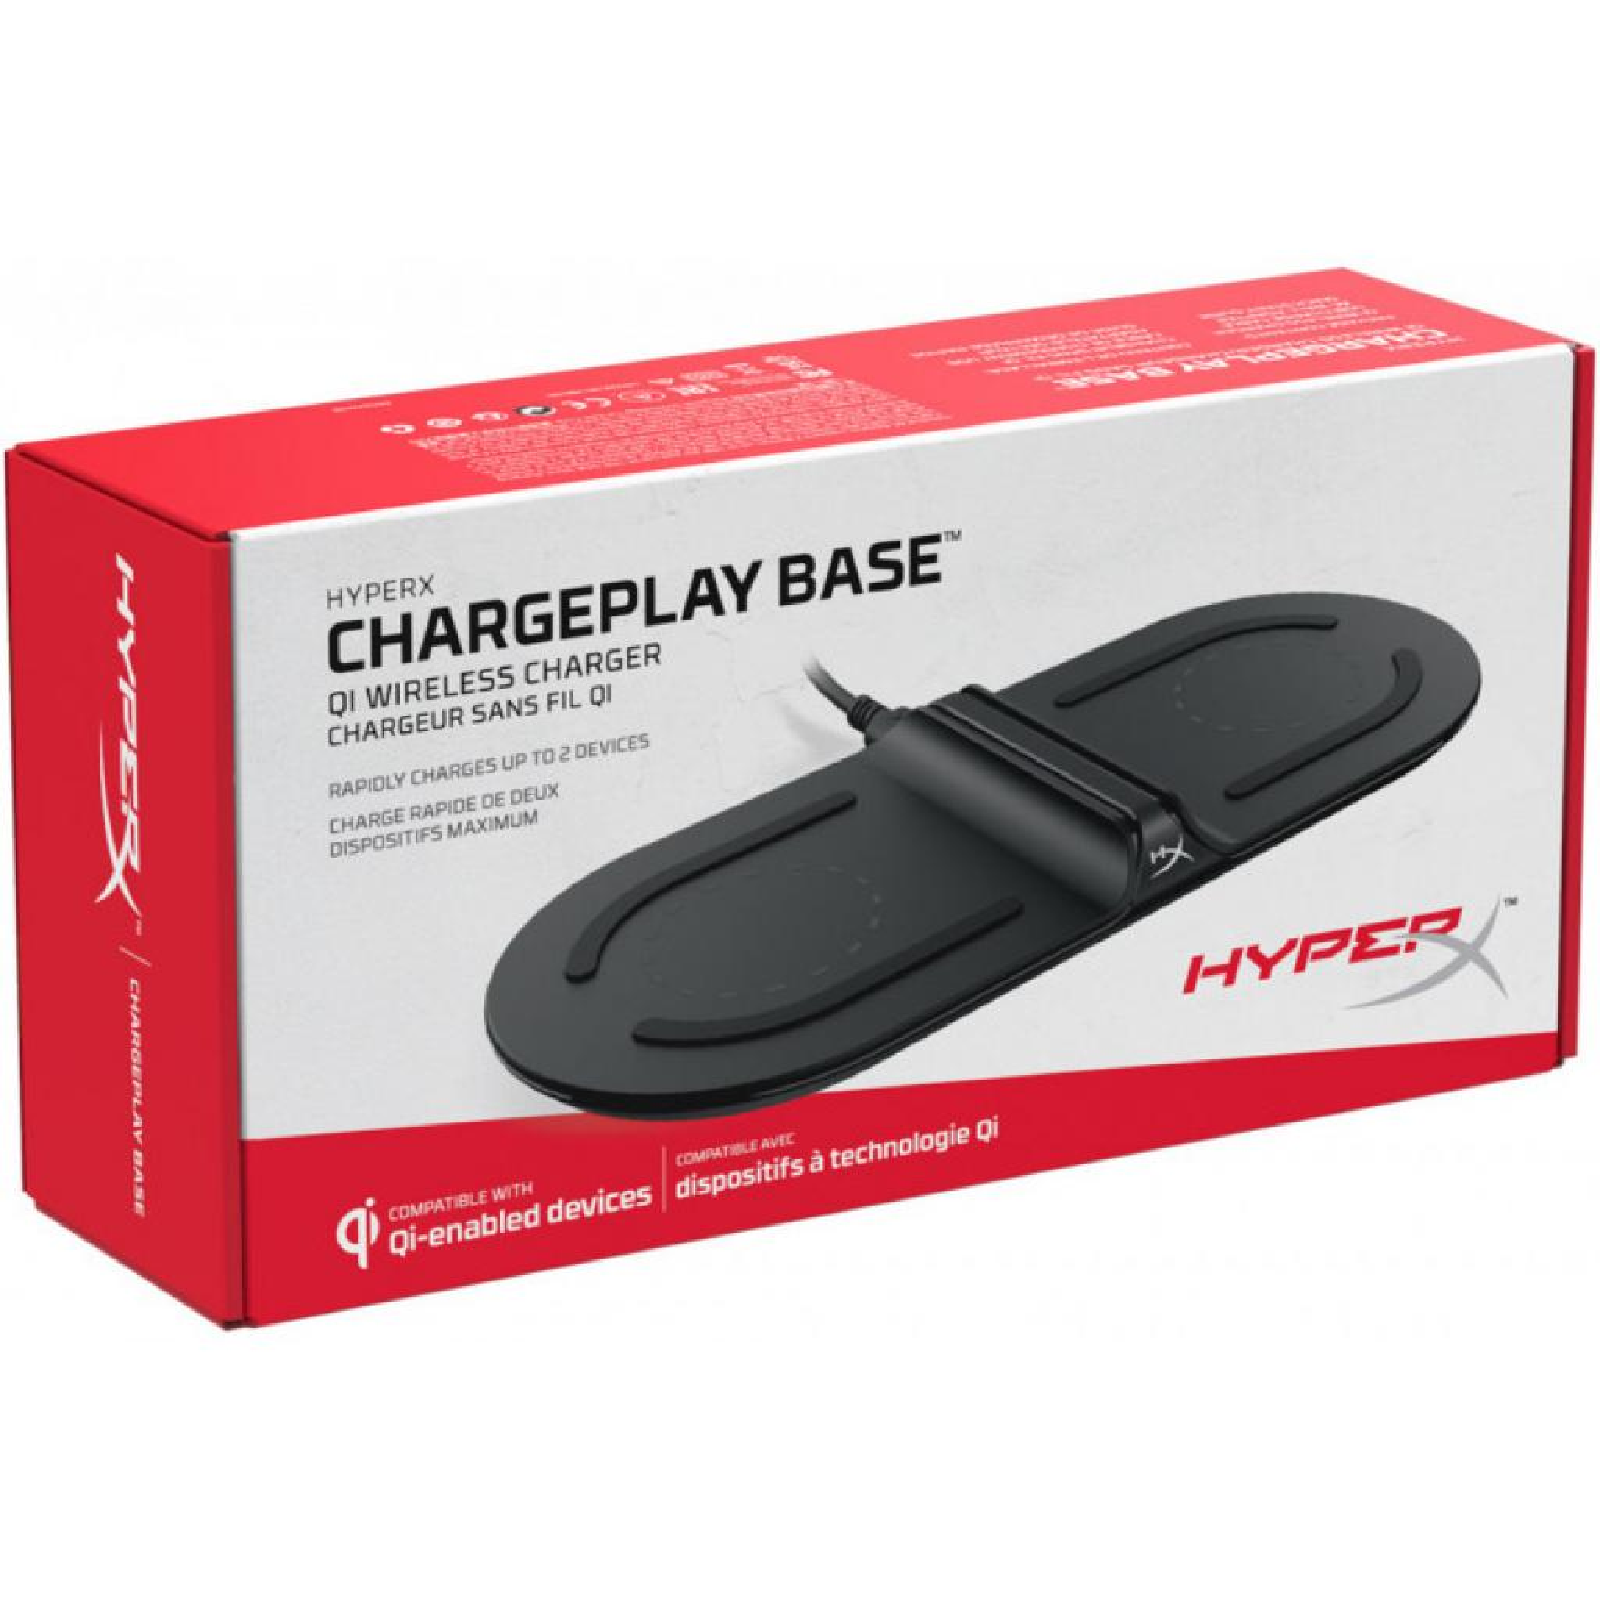 Зарядний пристрій HyperX ChargePlay Base Qi Wireless Charger (HX-CPBS-C) зображення 7